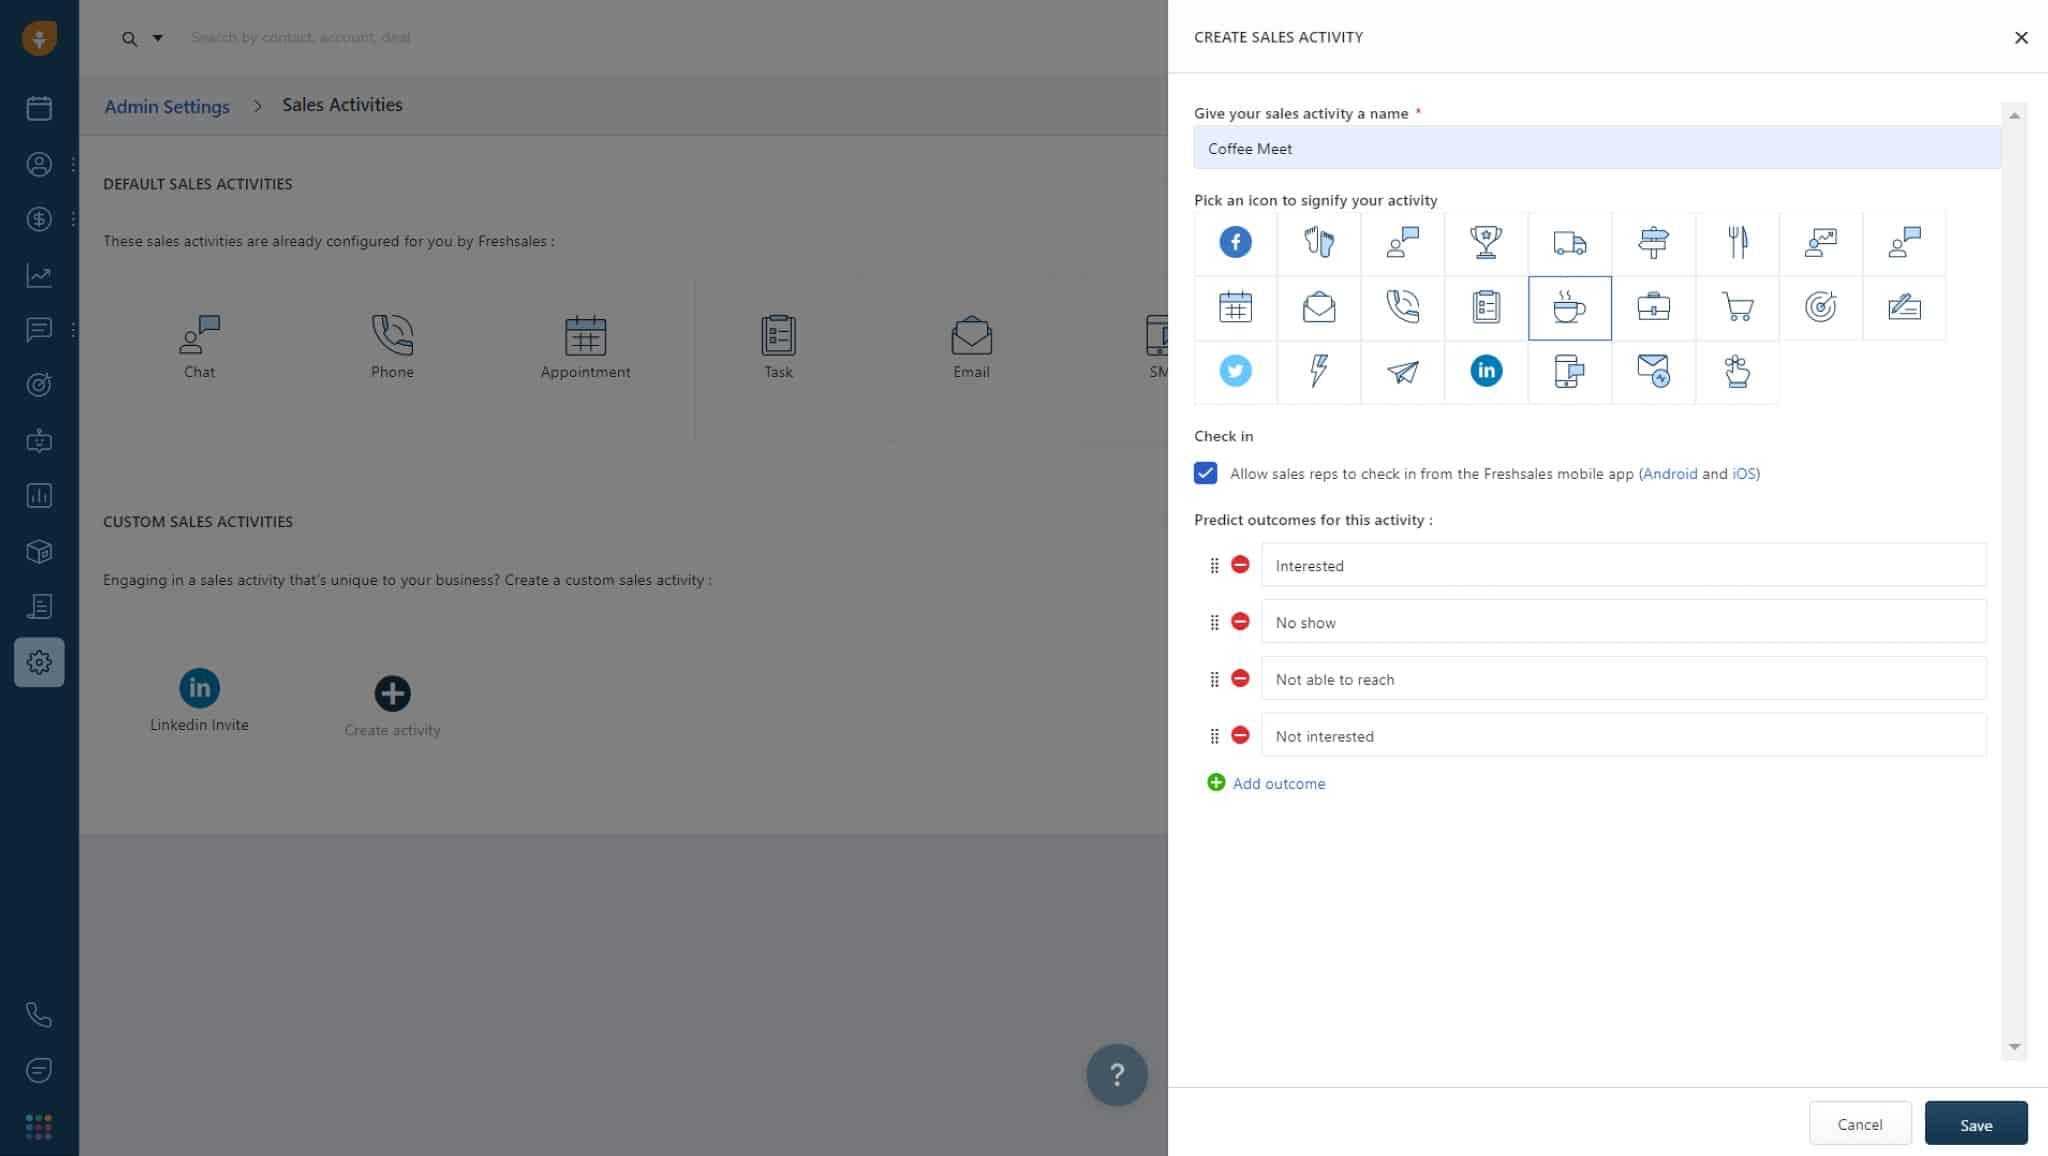 Screenshot of Freshsales custom sales activities